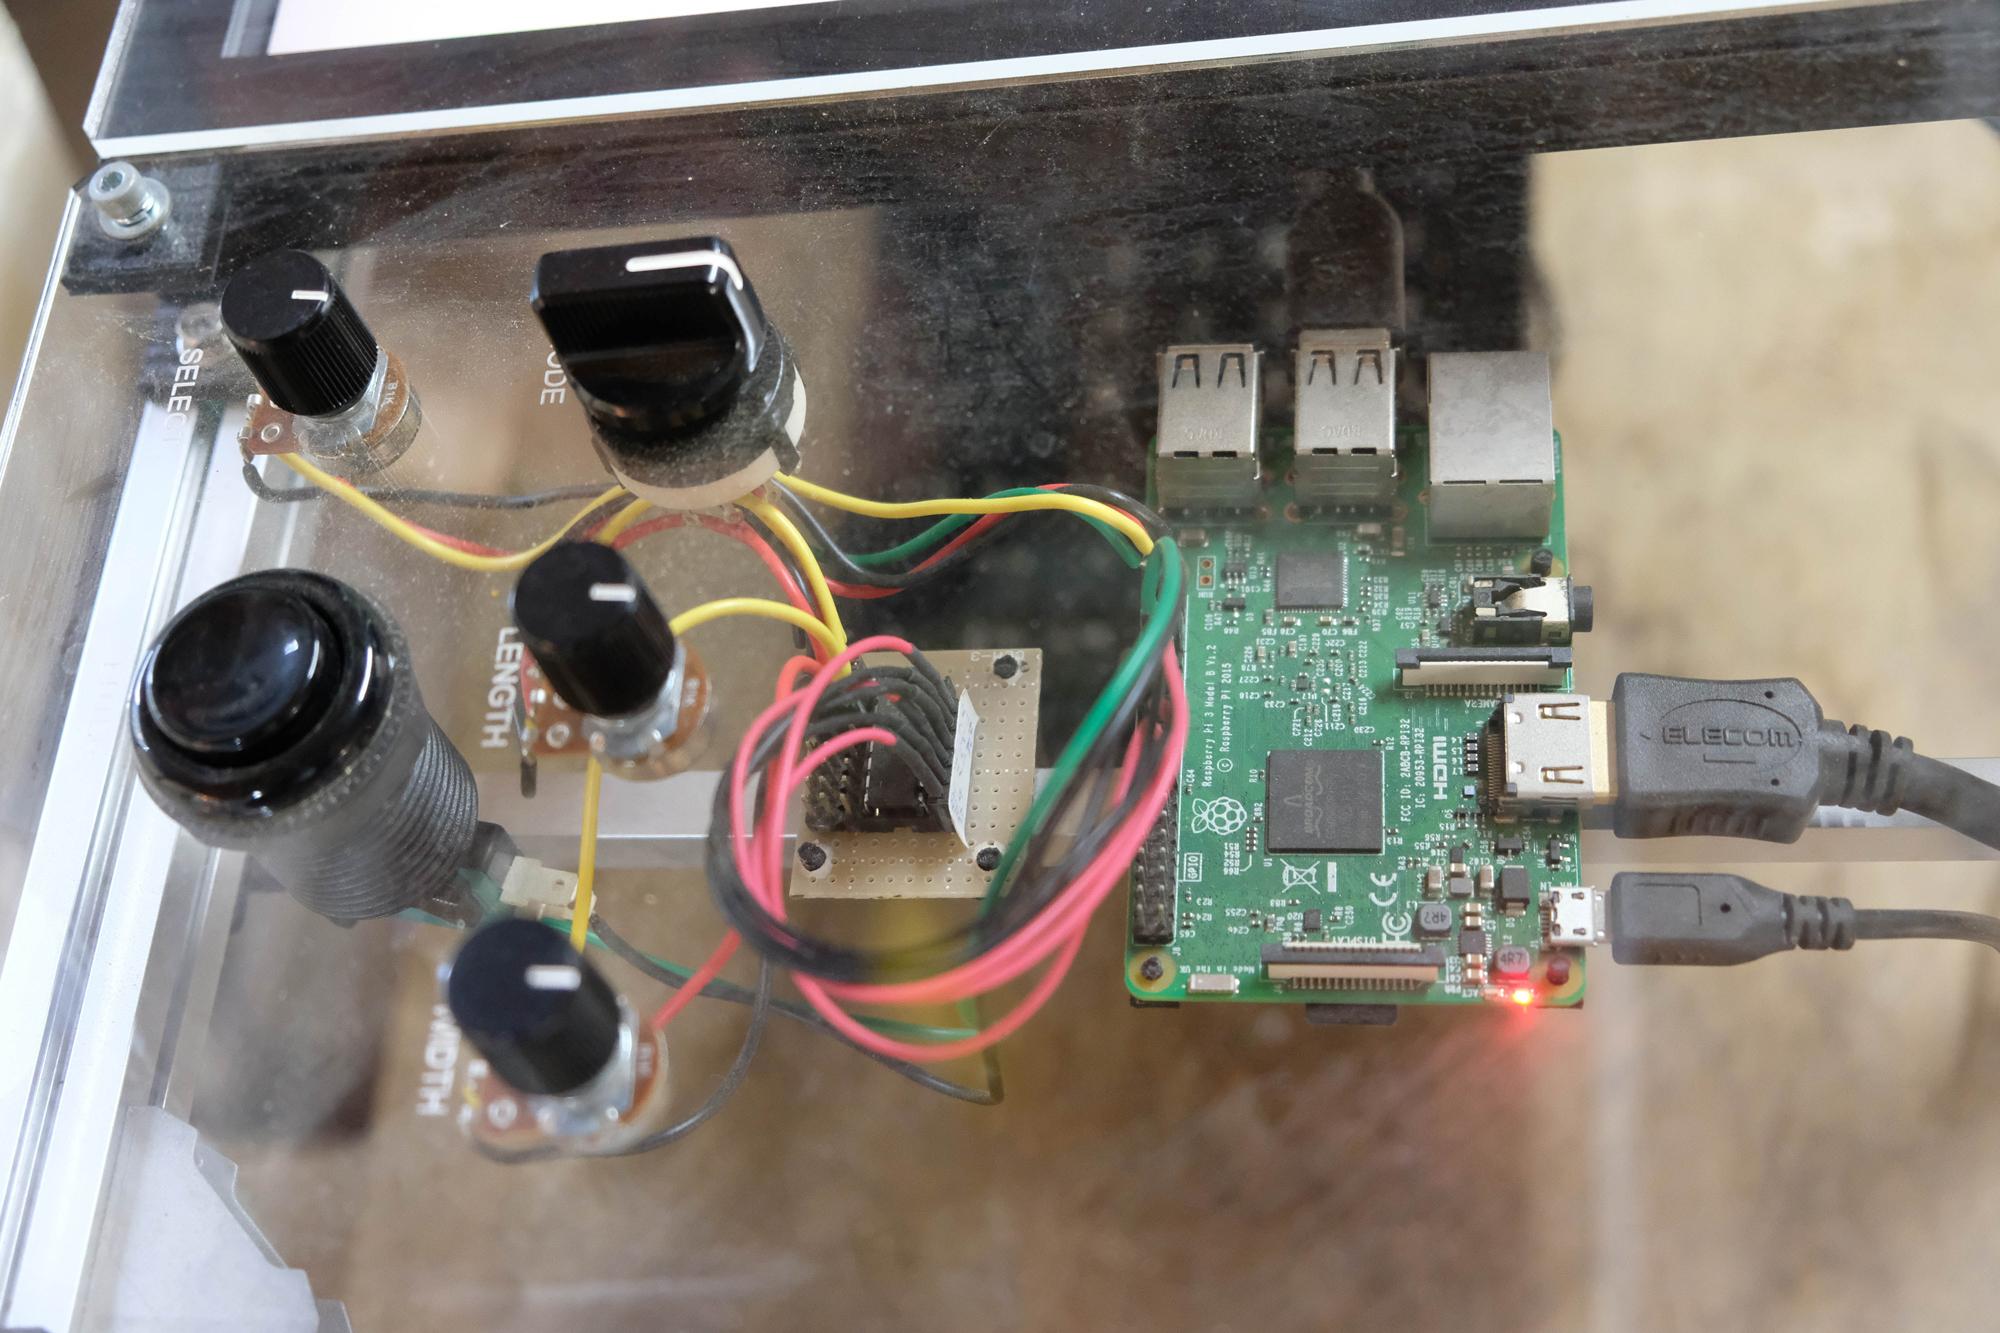 組み込まれたRaspberry Pi 3と、キャリブレーション(きゅうりの太さに合わせて判定基準を調節する)ためのボリュームスイッチ